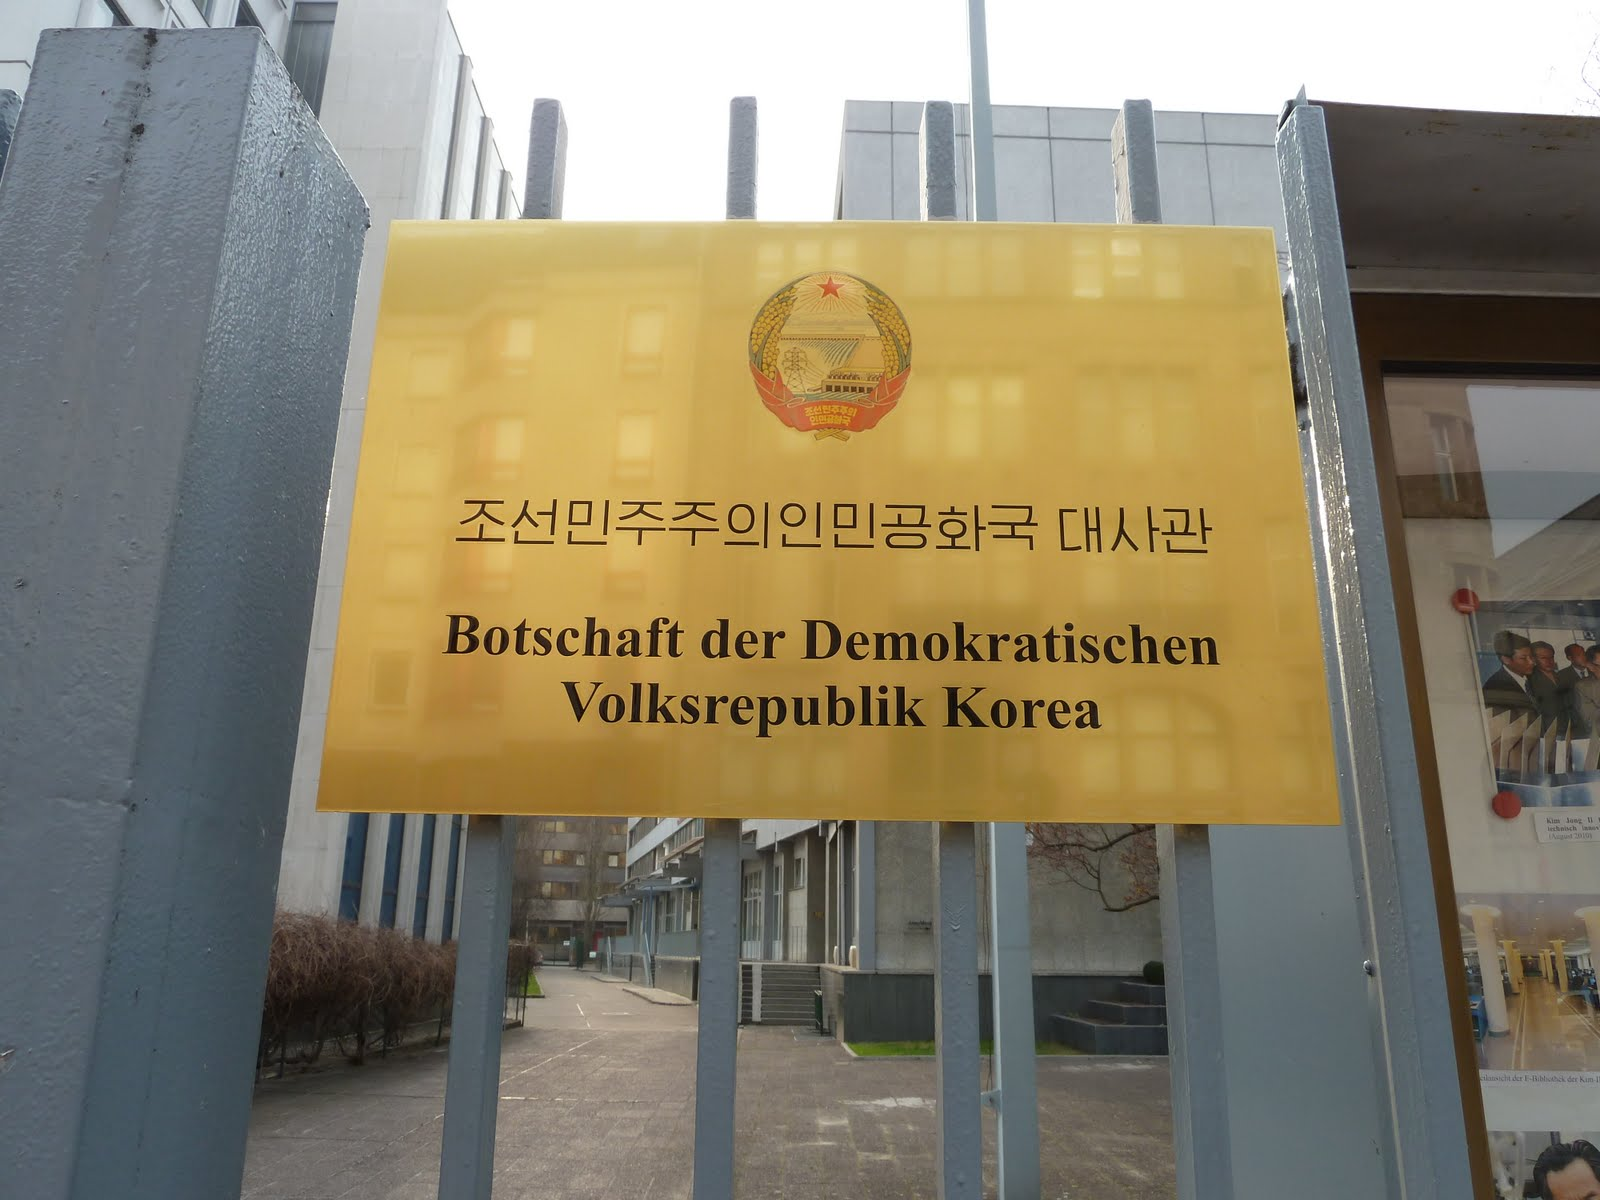 botschaft volksrepublik korea